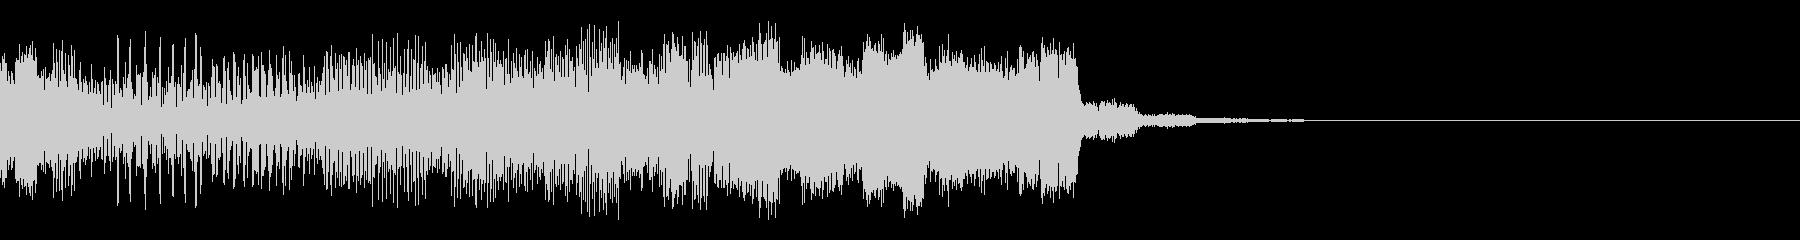 パチンコ的アイテム獲得音02(電子音)の未再生の波形